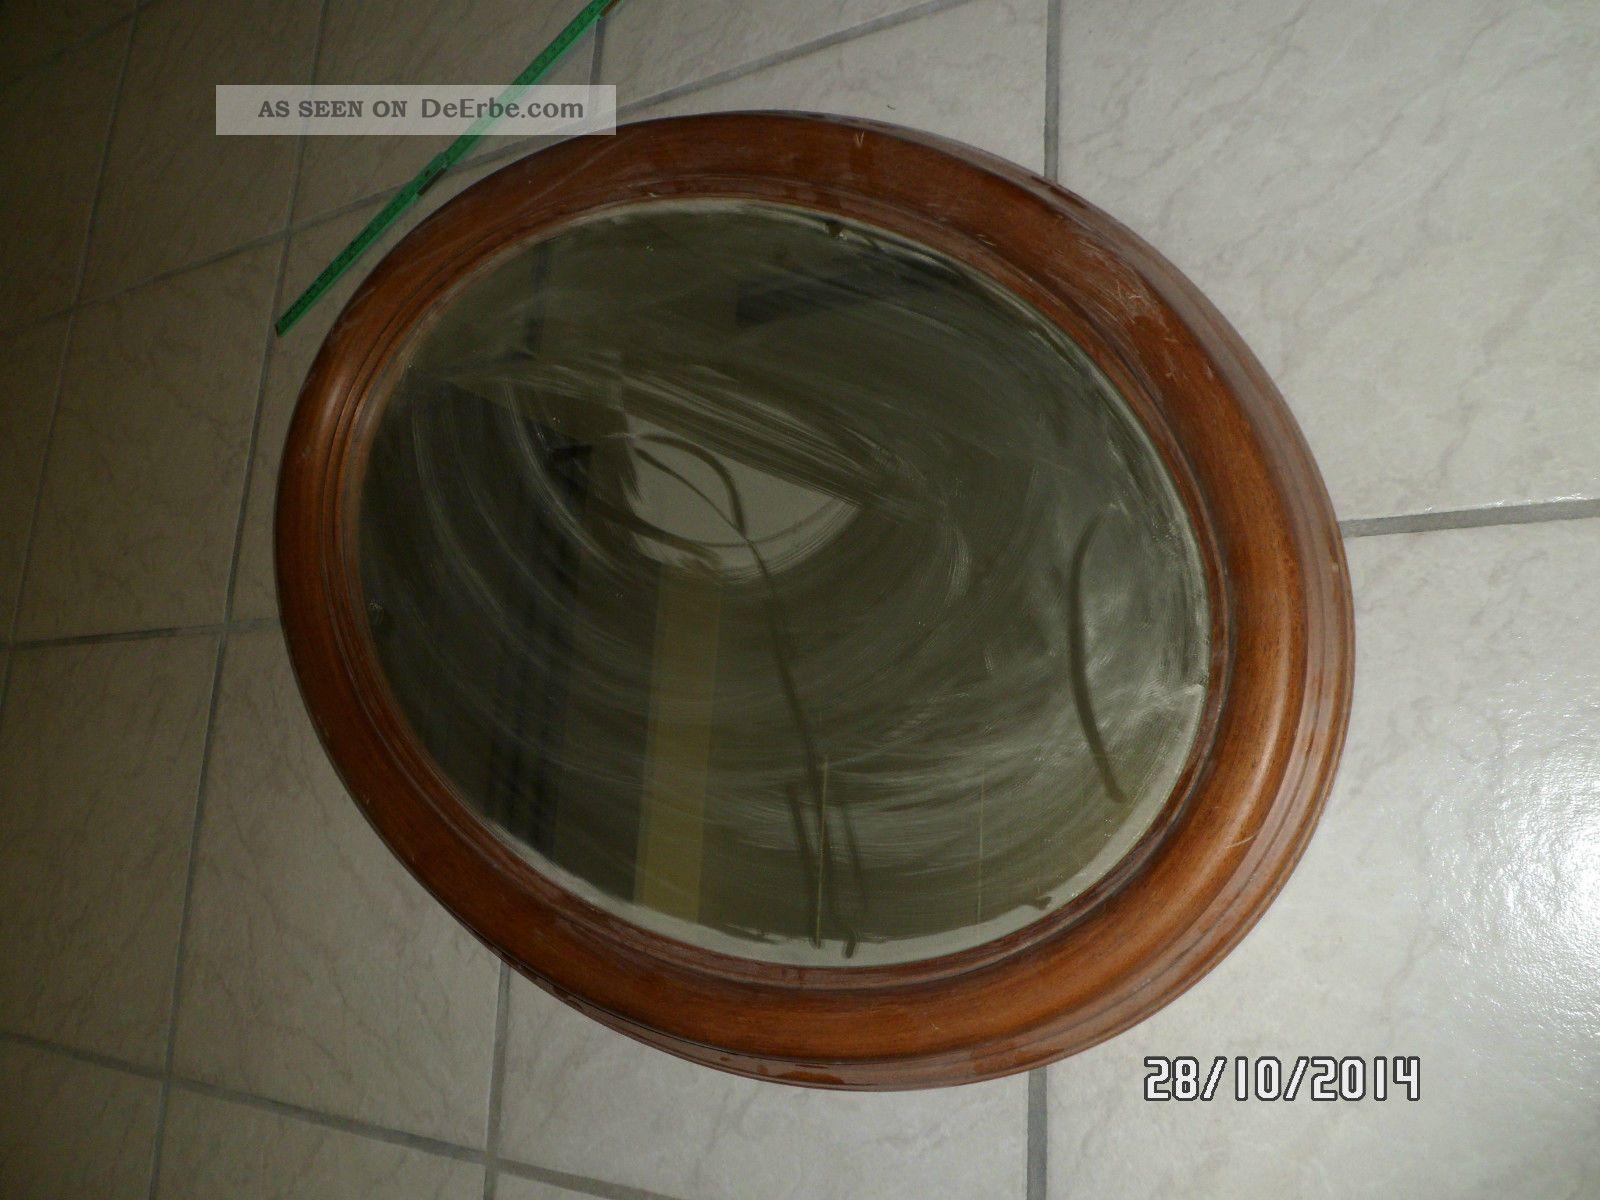 alte oval wandspiegel spiegel holz rahmen. Black Bedroom Furniture Sets. Home Design Ideas